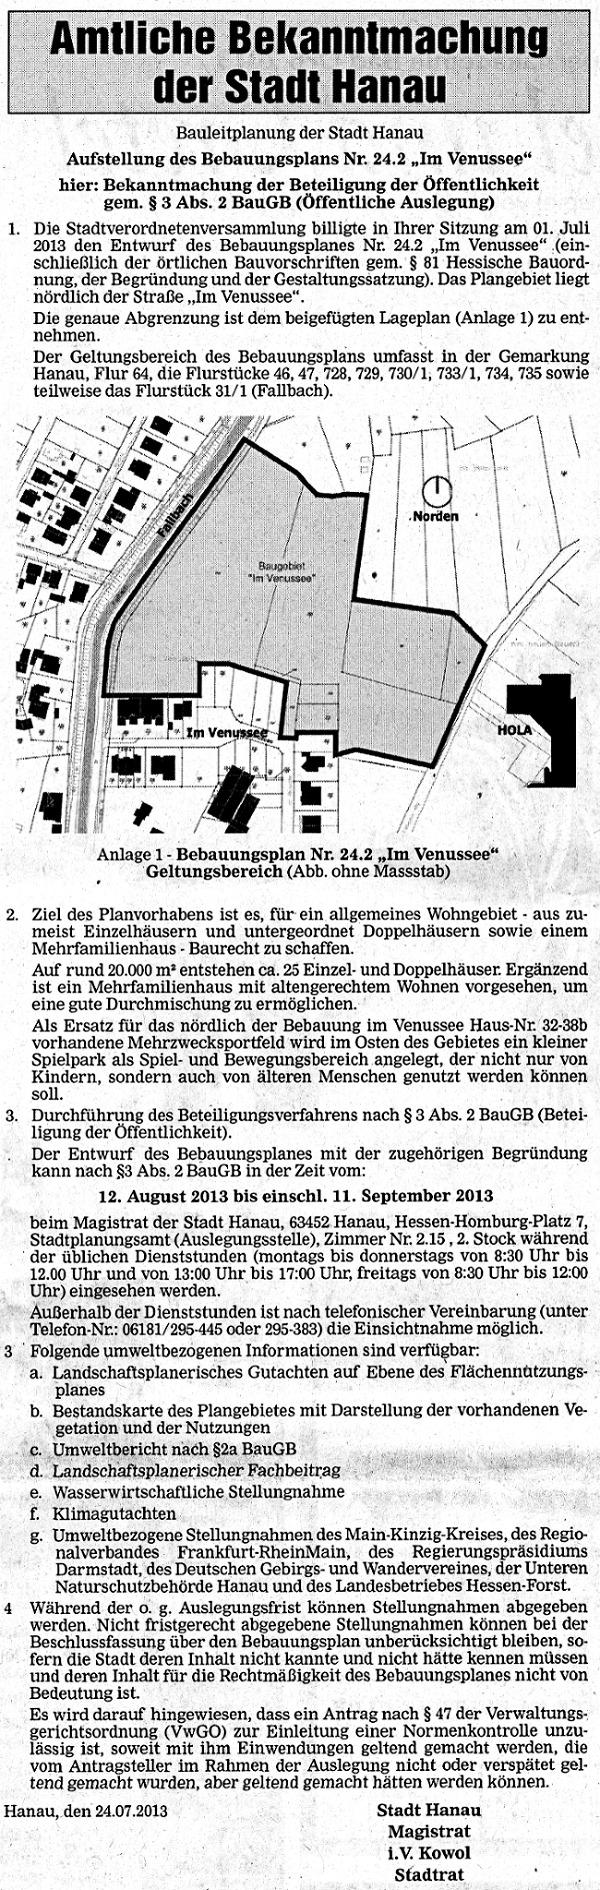 Amtliche Bekanntmachung vom 24.07.2013